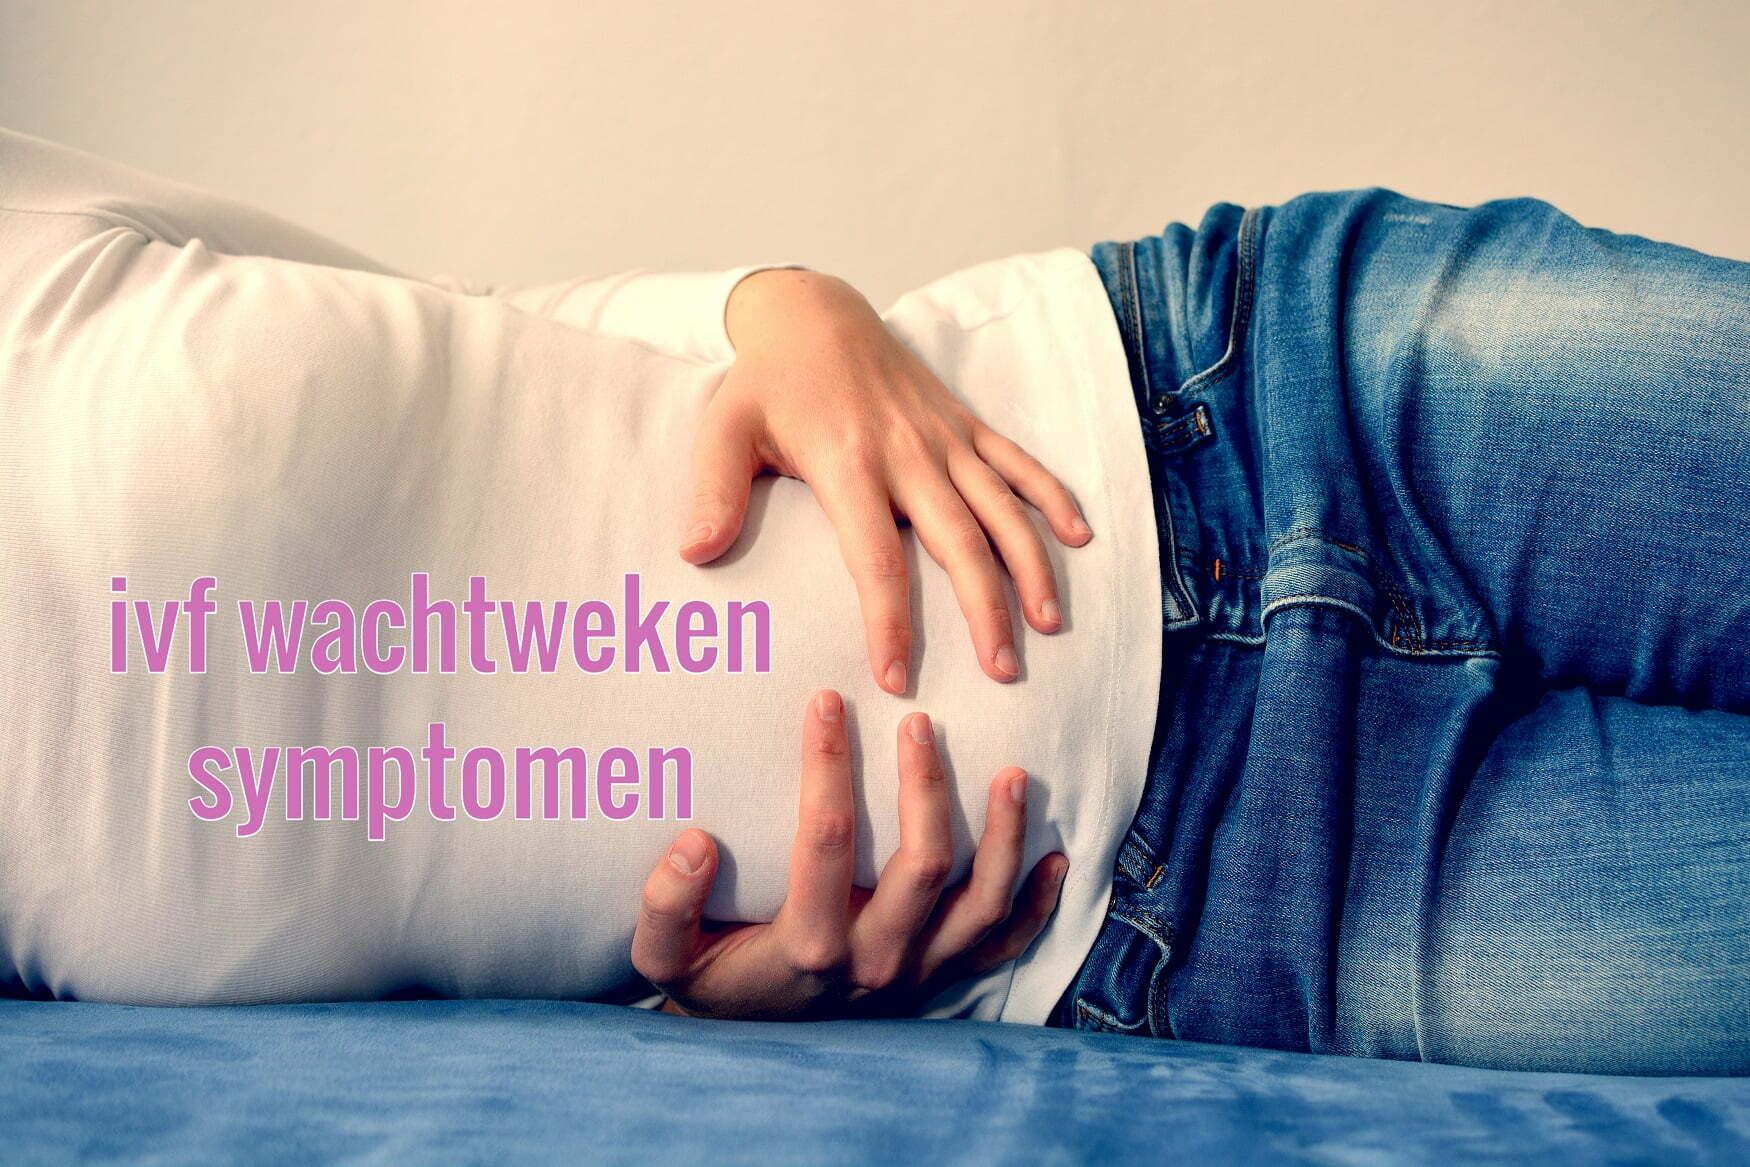 IVF wachtweken symptomen